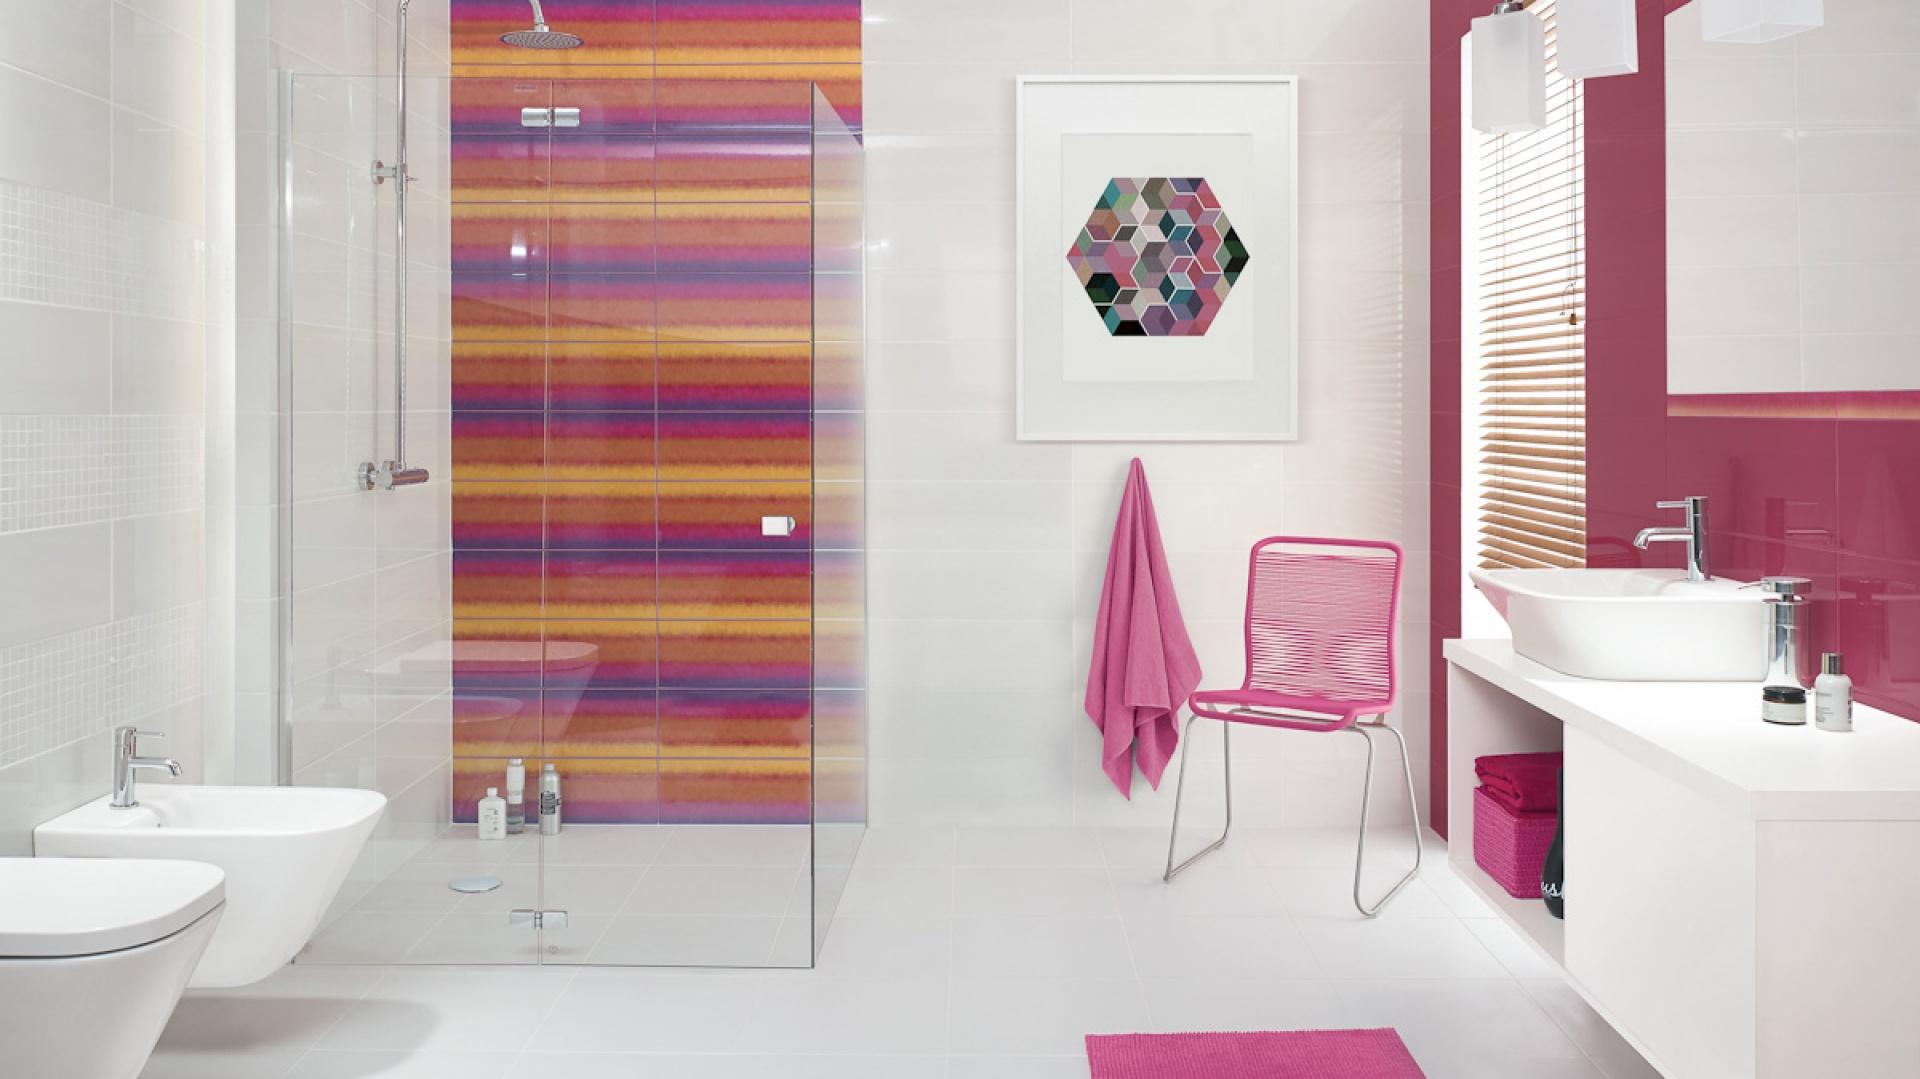 Kolorowe płytki z Briosa/Purio. Podstawę całej kolekcji stanowią płytki w formacie 20 cm x 60 cm oraz mozaiki w kolorze białym oraz fioletowym. Dodatkowo kolekcję wzbogacają dekoracje z motywem kwiatowym lub delikatną różową grafiką. Fot. Ceramika Paradyż.